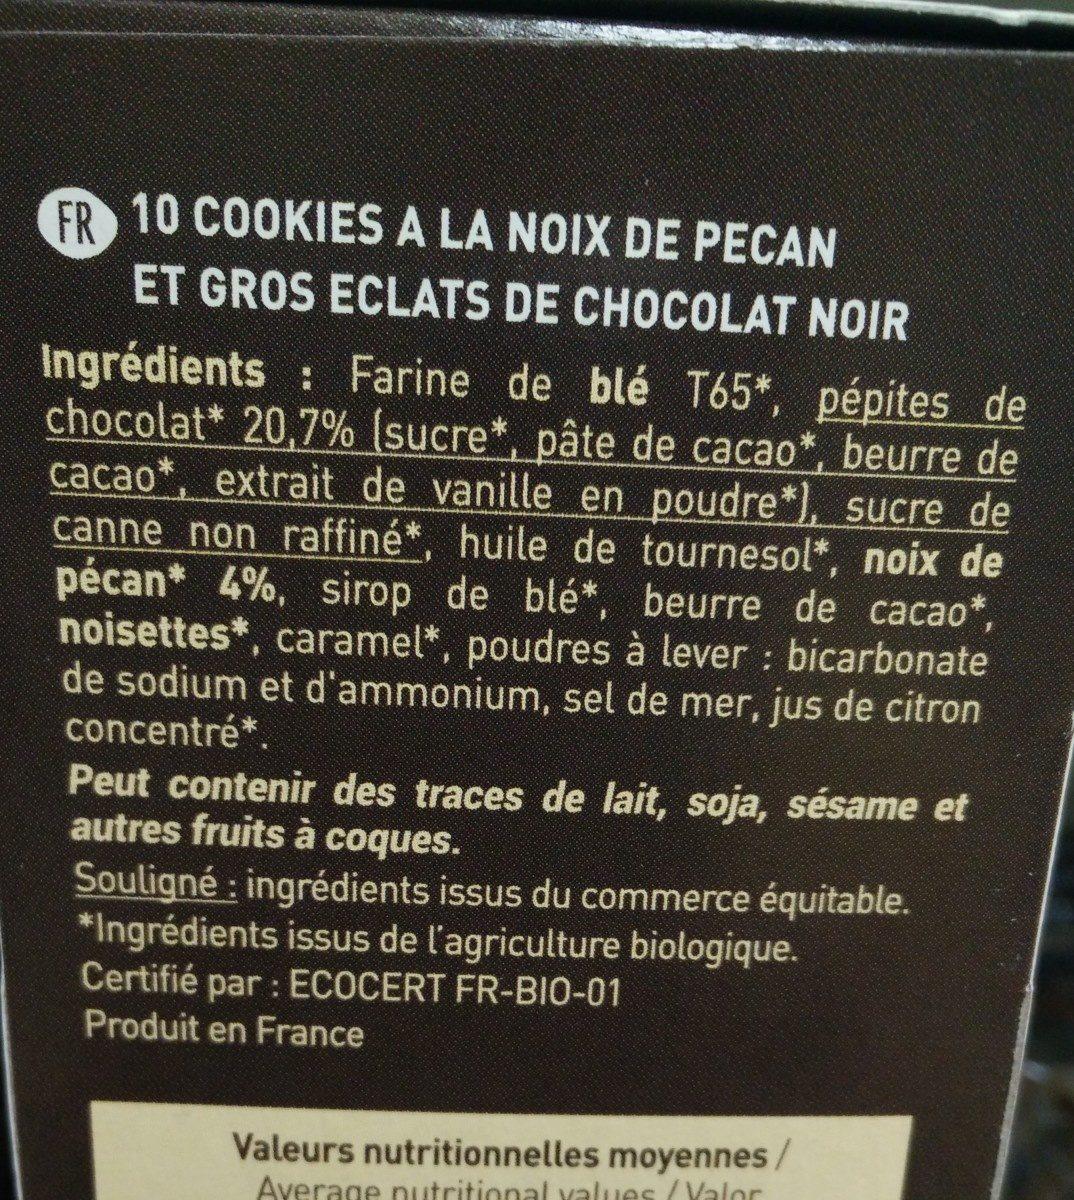 Cookies noix de pécan - Ingrédients - fr